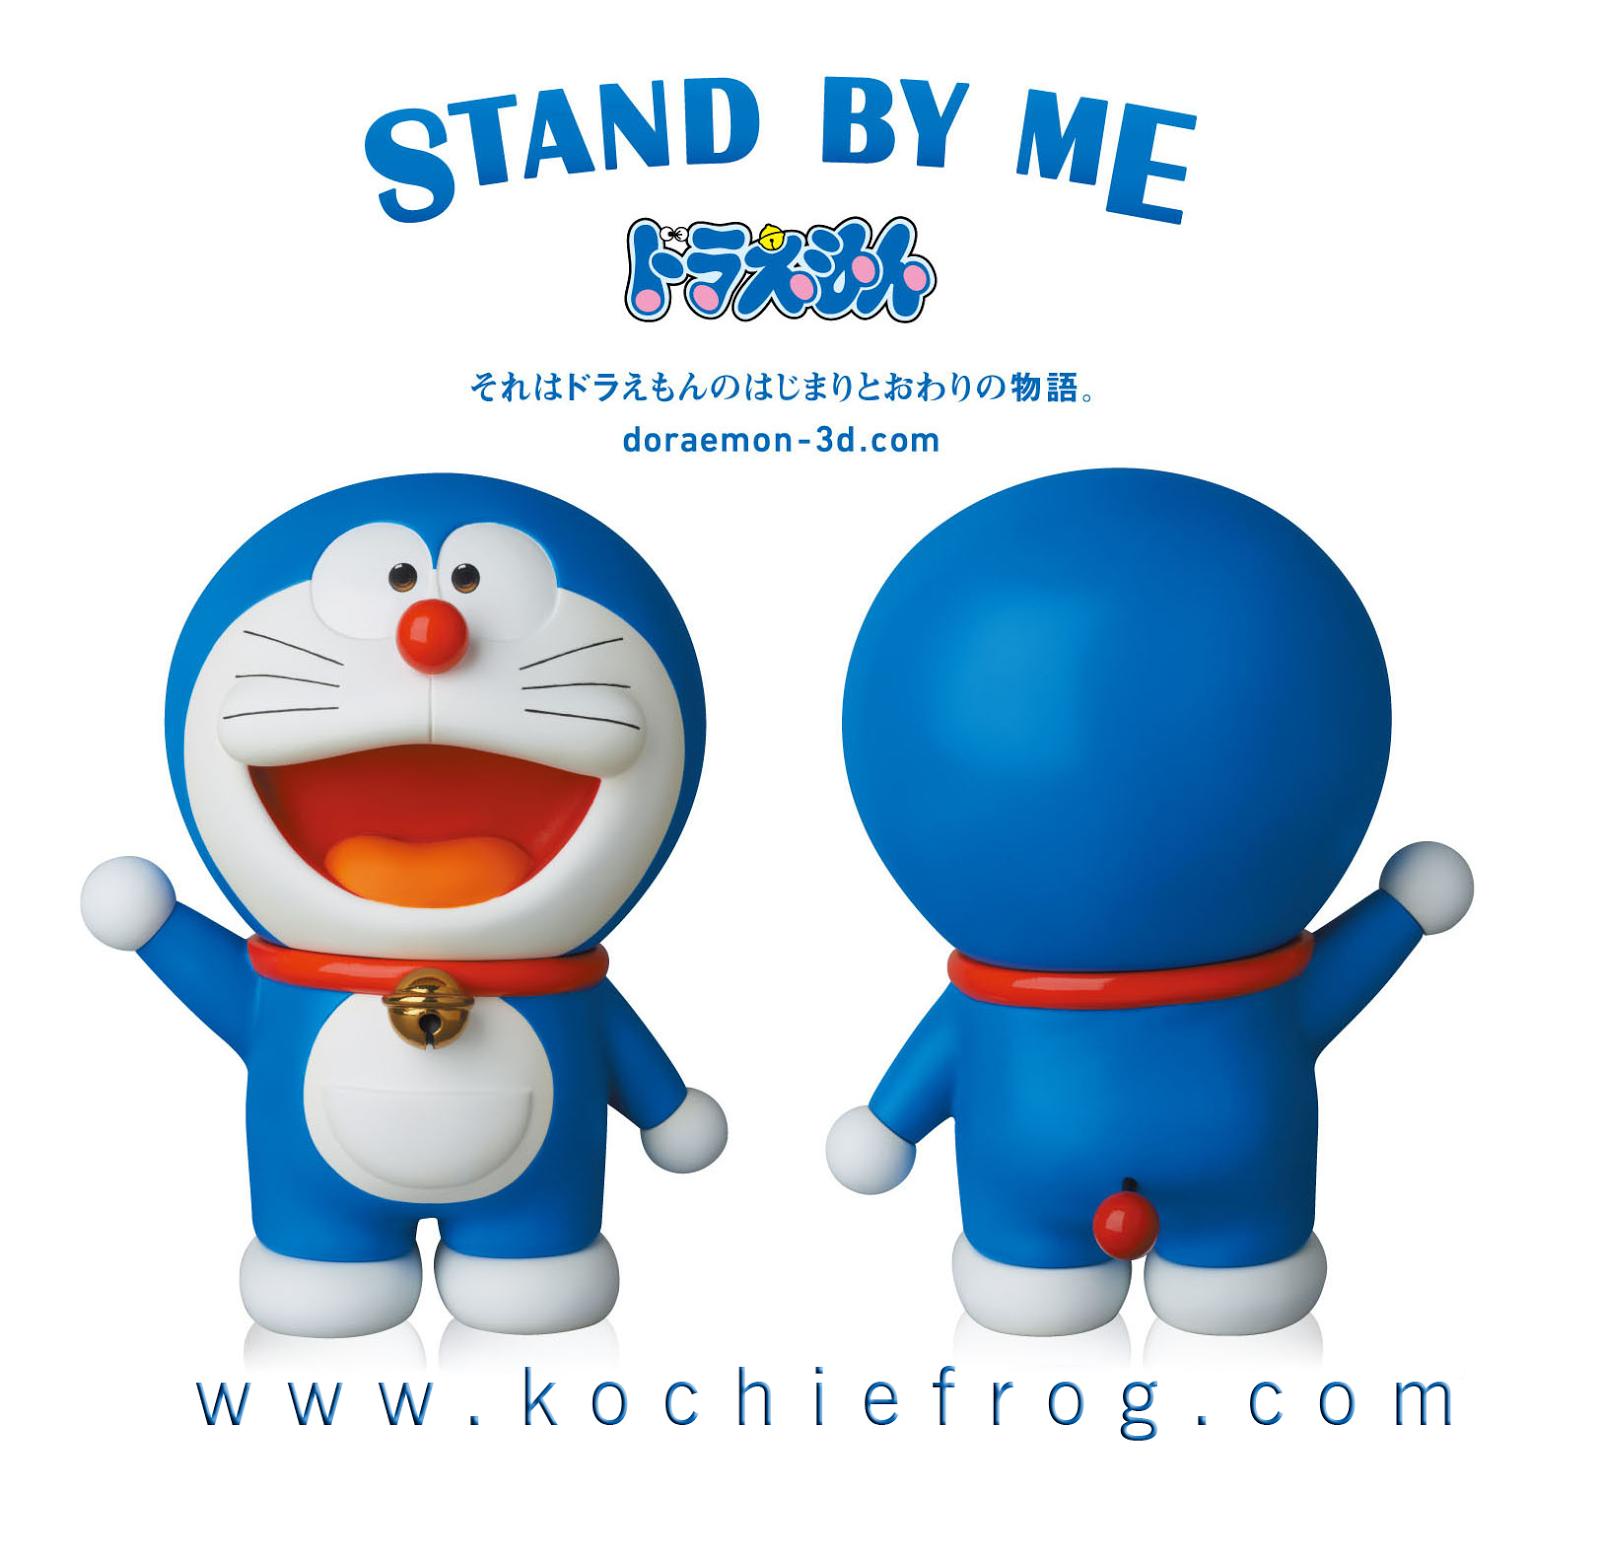 Wallpaper Gambar Doraemon Lucu Dan Imut 46 Wallpaper